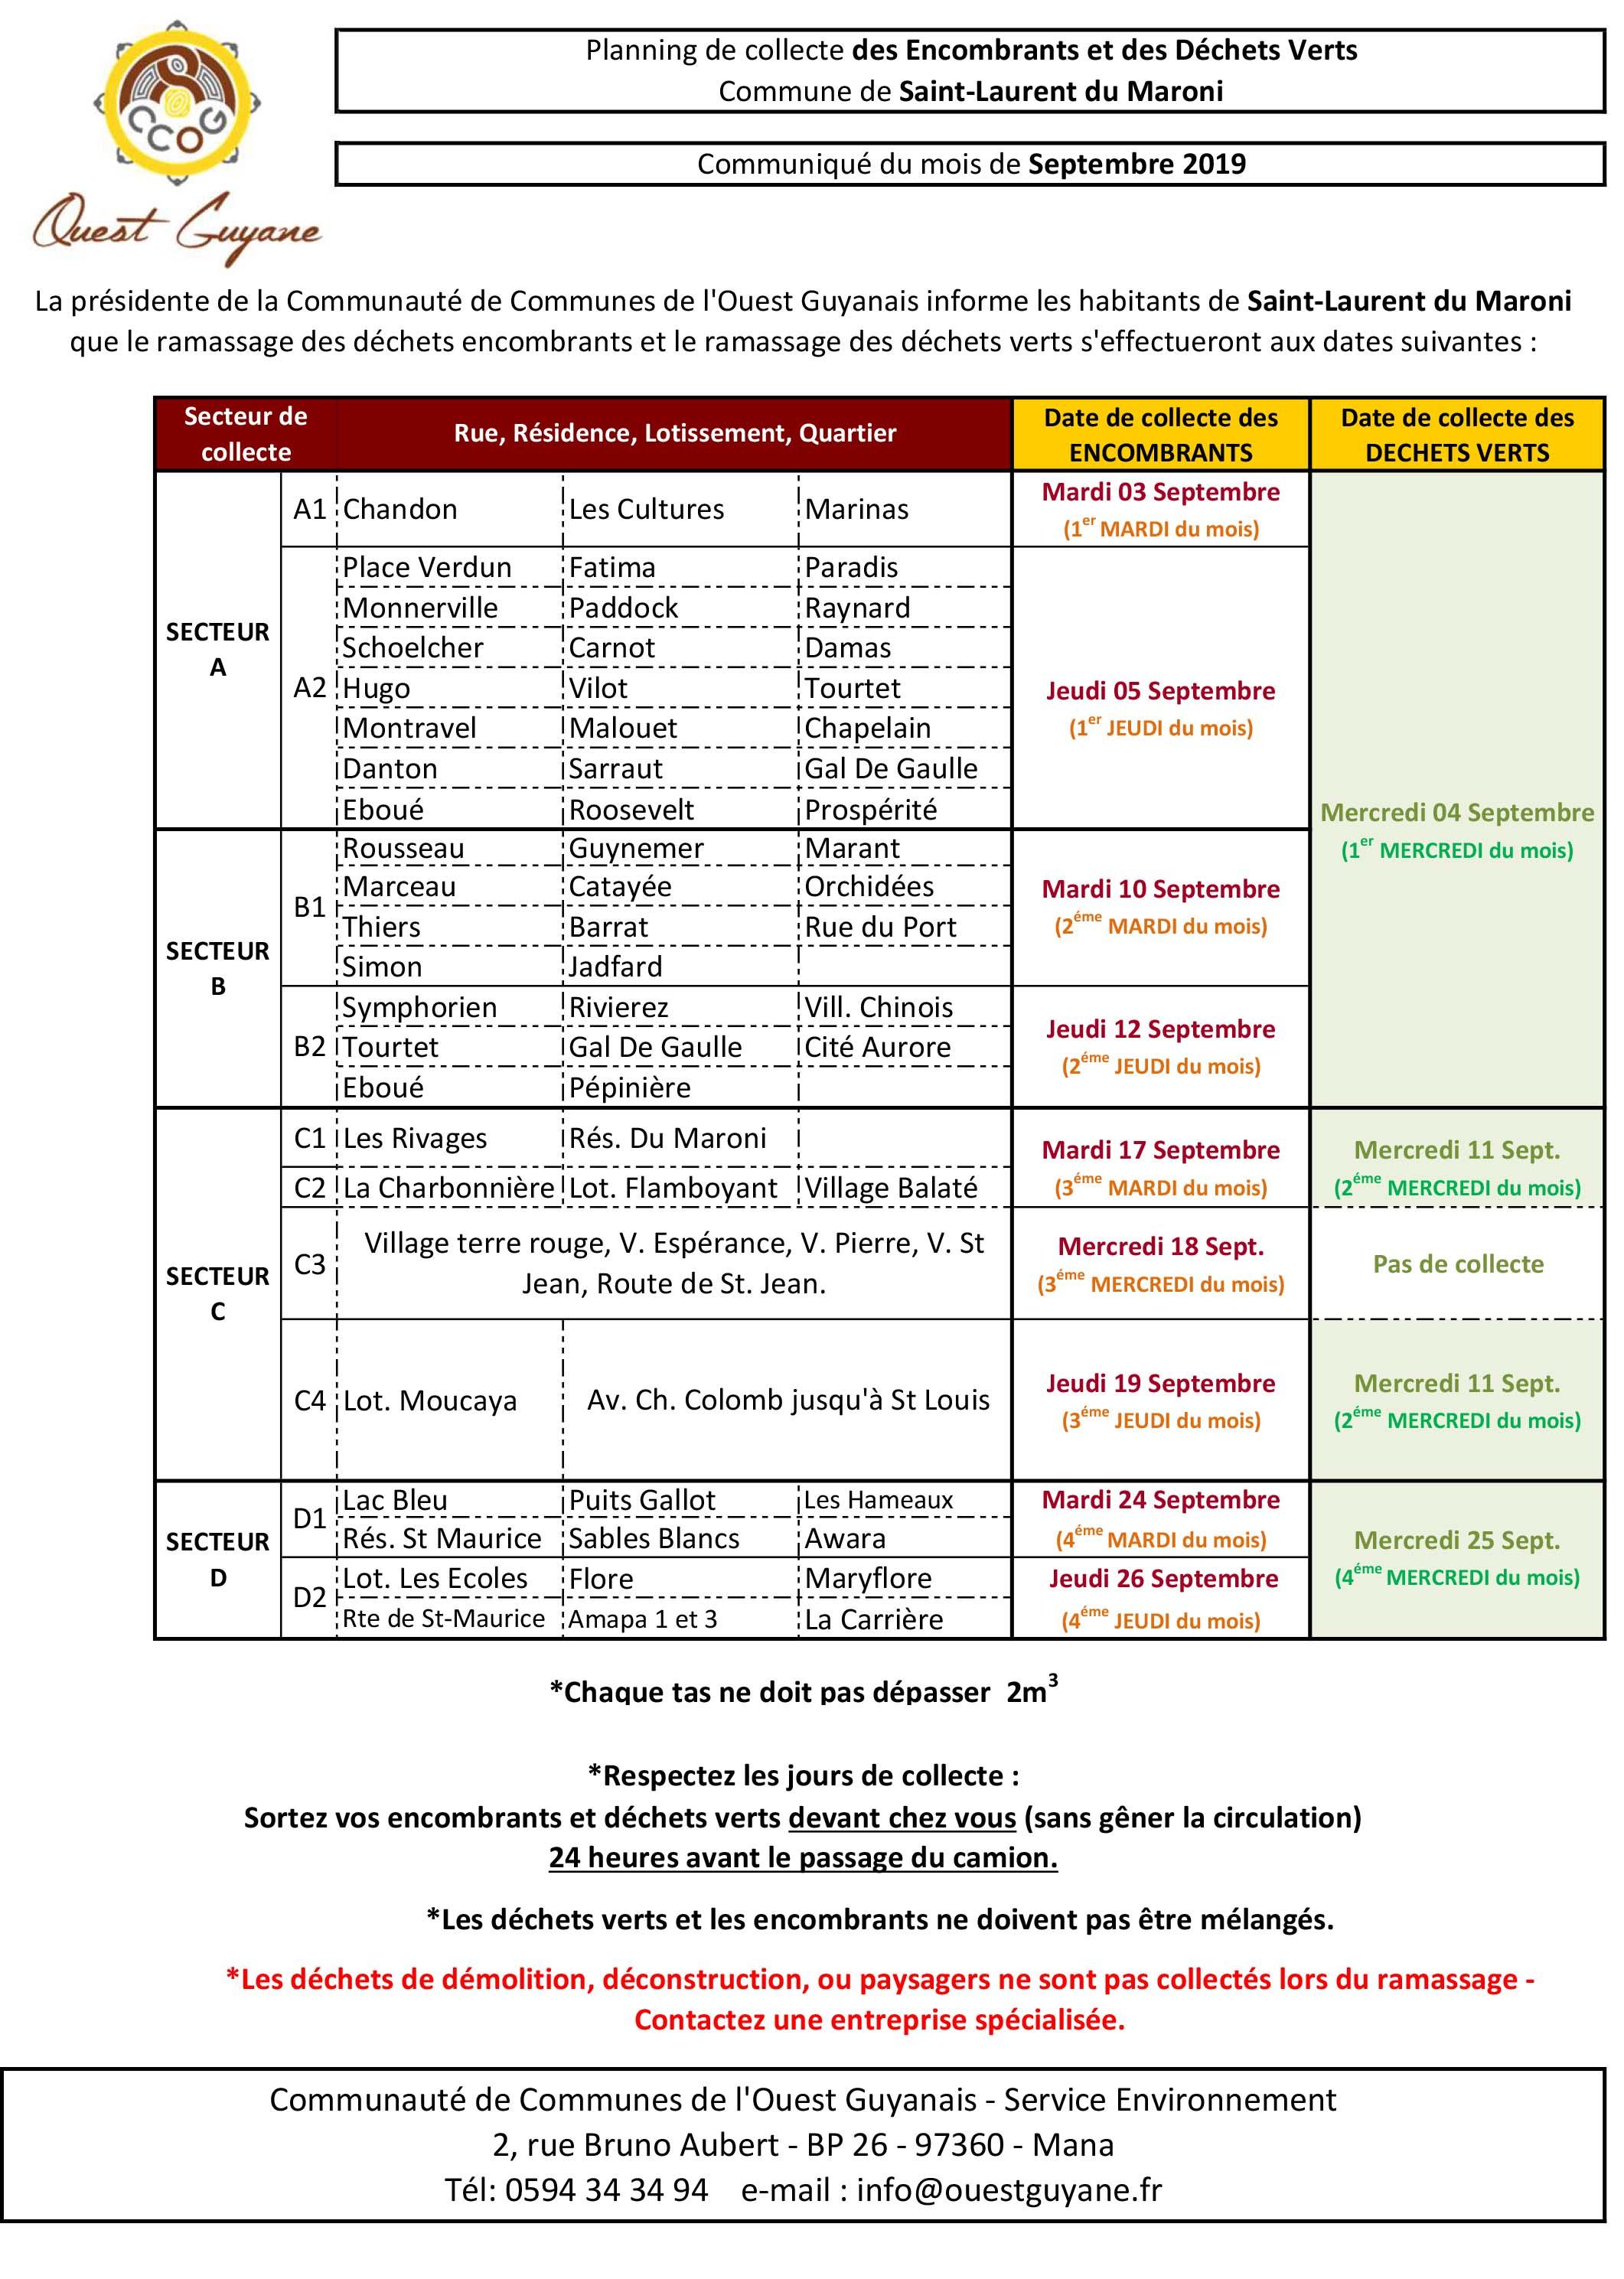 [CCOG] : planning de collecte des encombrants et déchets verts - Septembre 2019